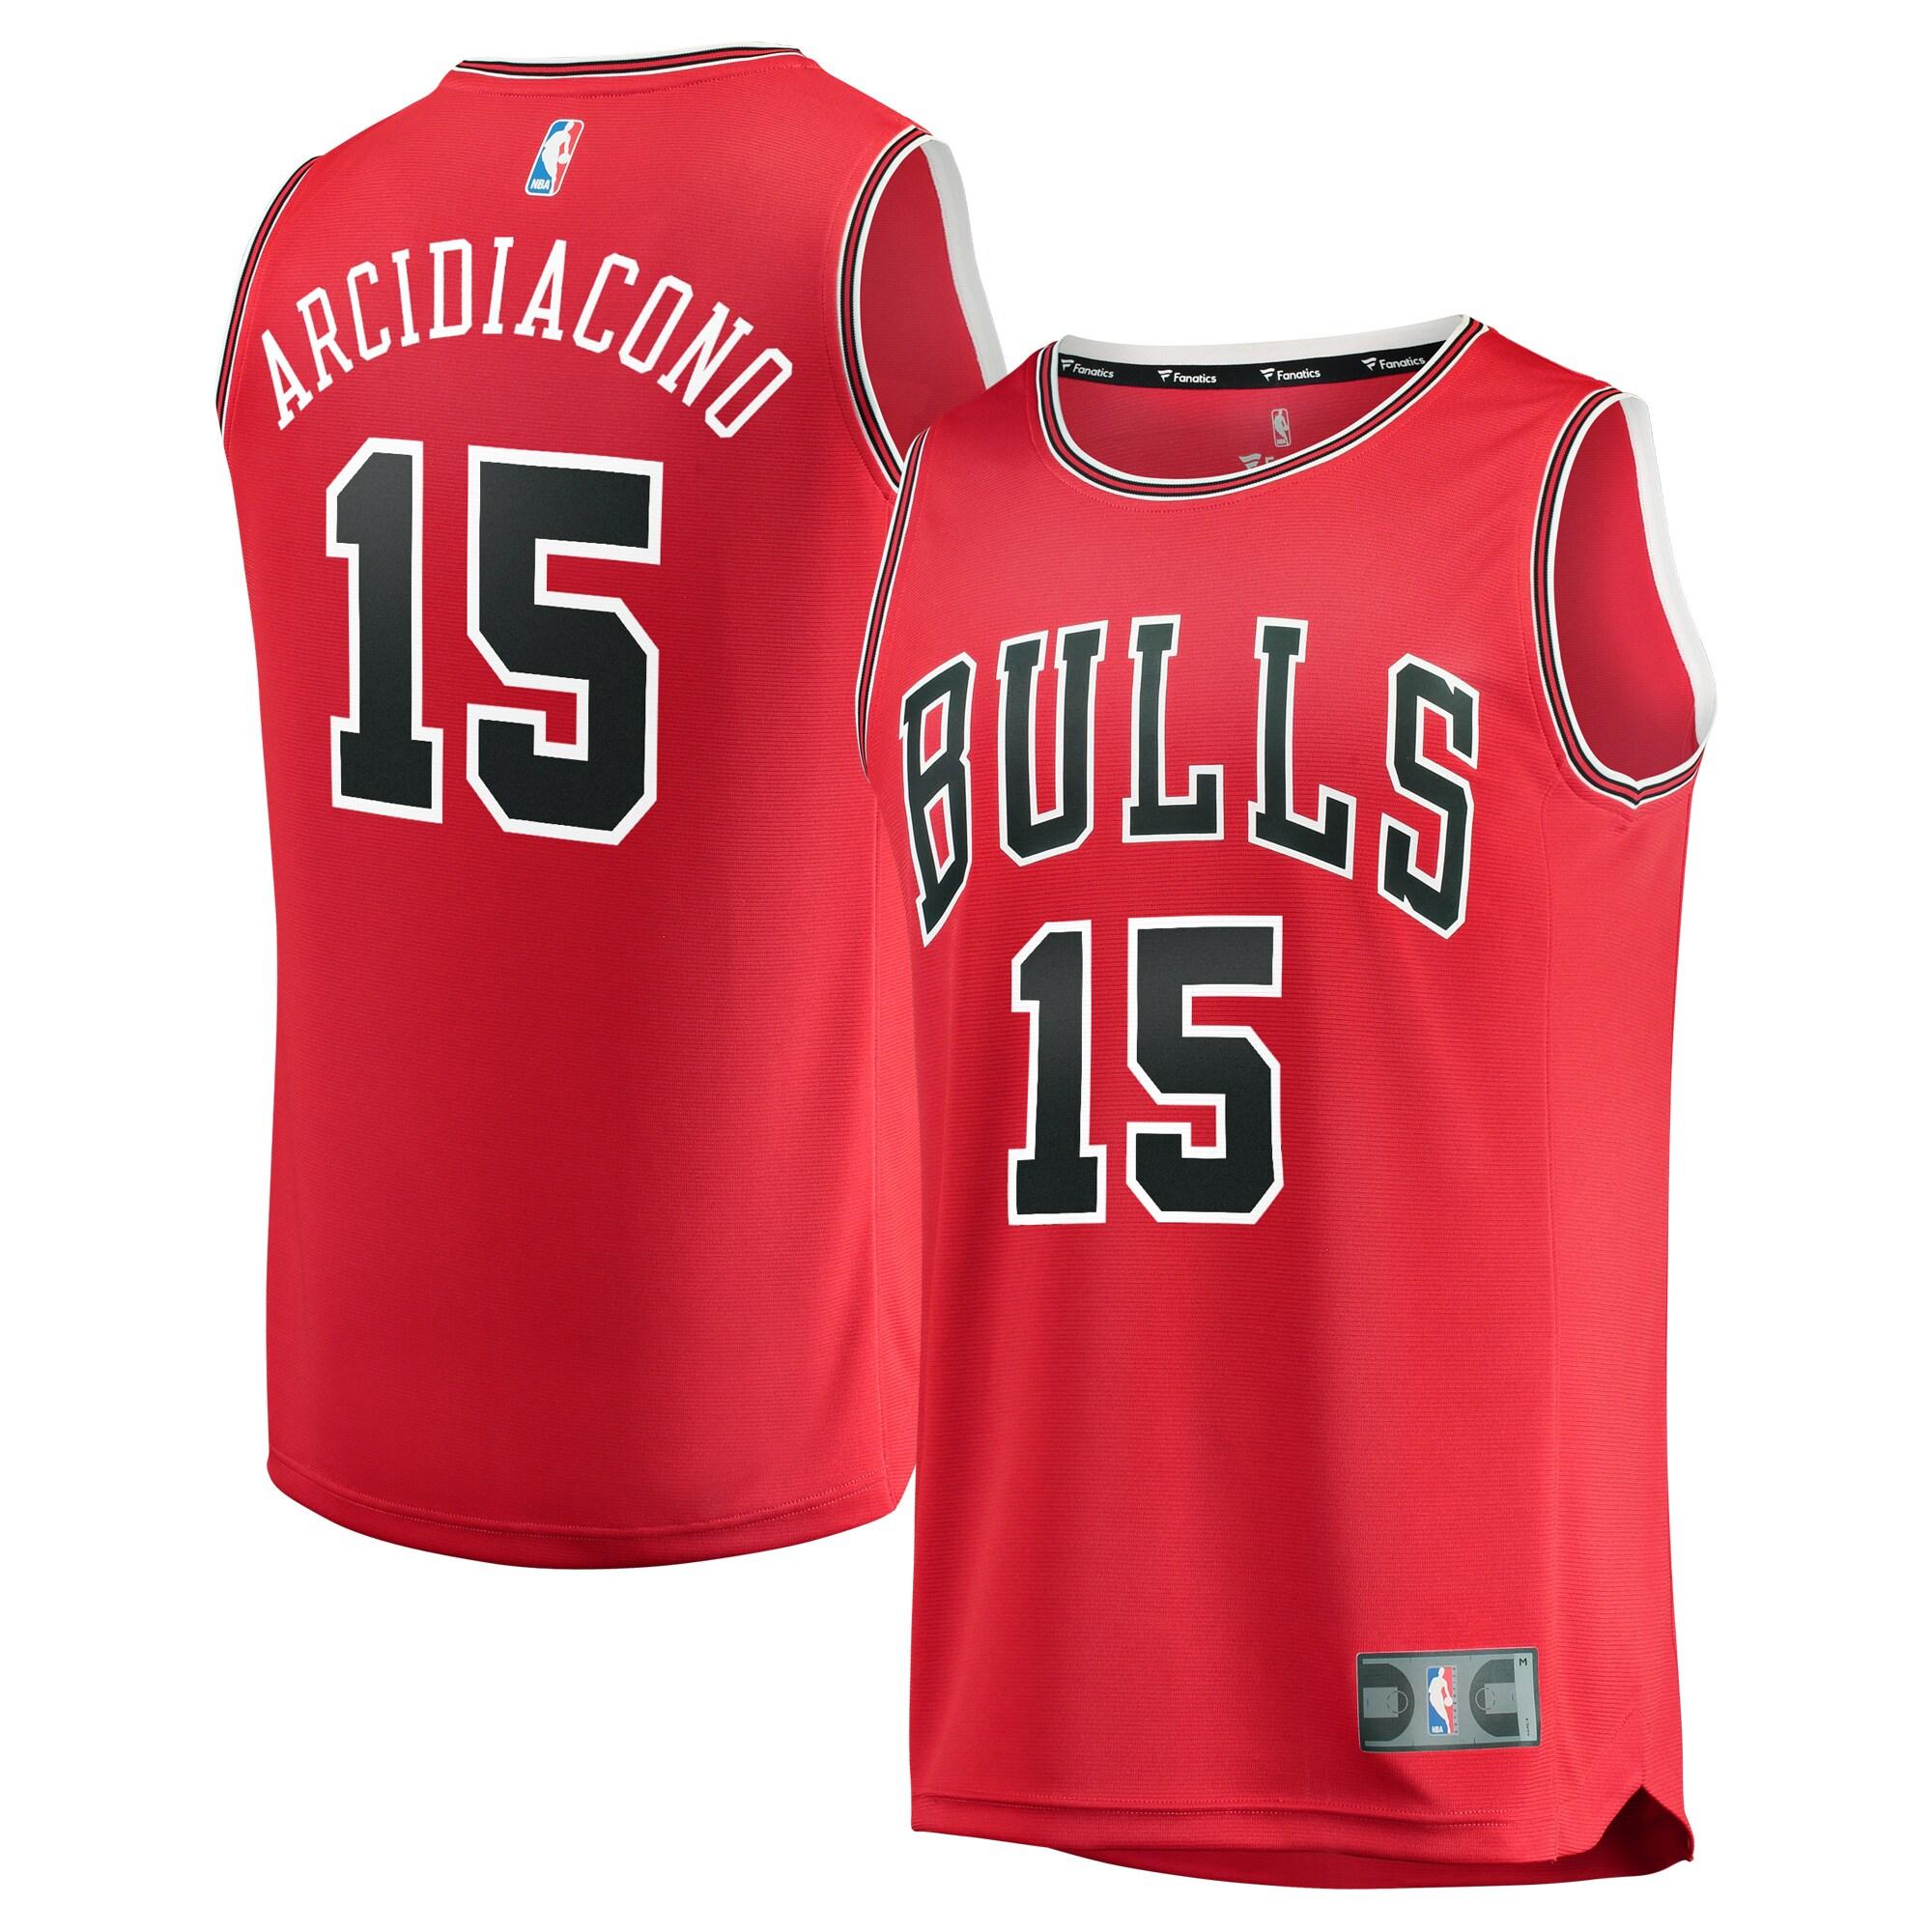 Ryan Arcidiacono Chicago Bulls Fanatics Branded Fast Break Road Replica Player Jersey Red - Icon Edition